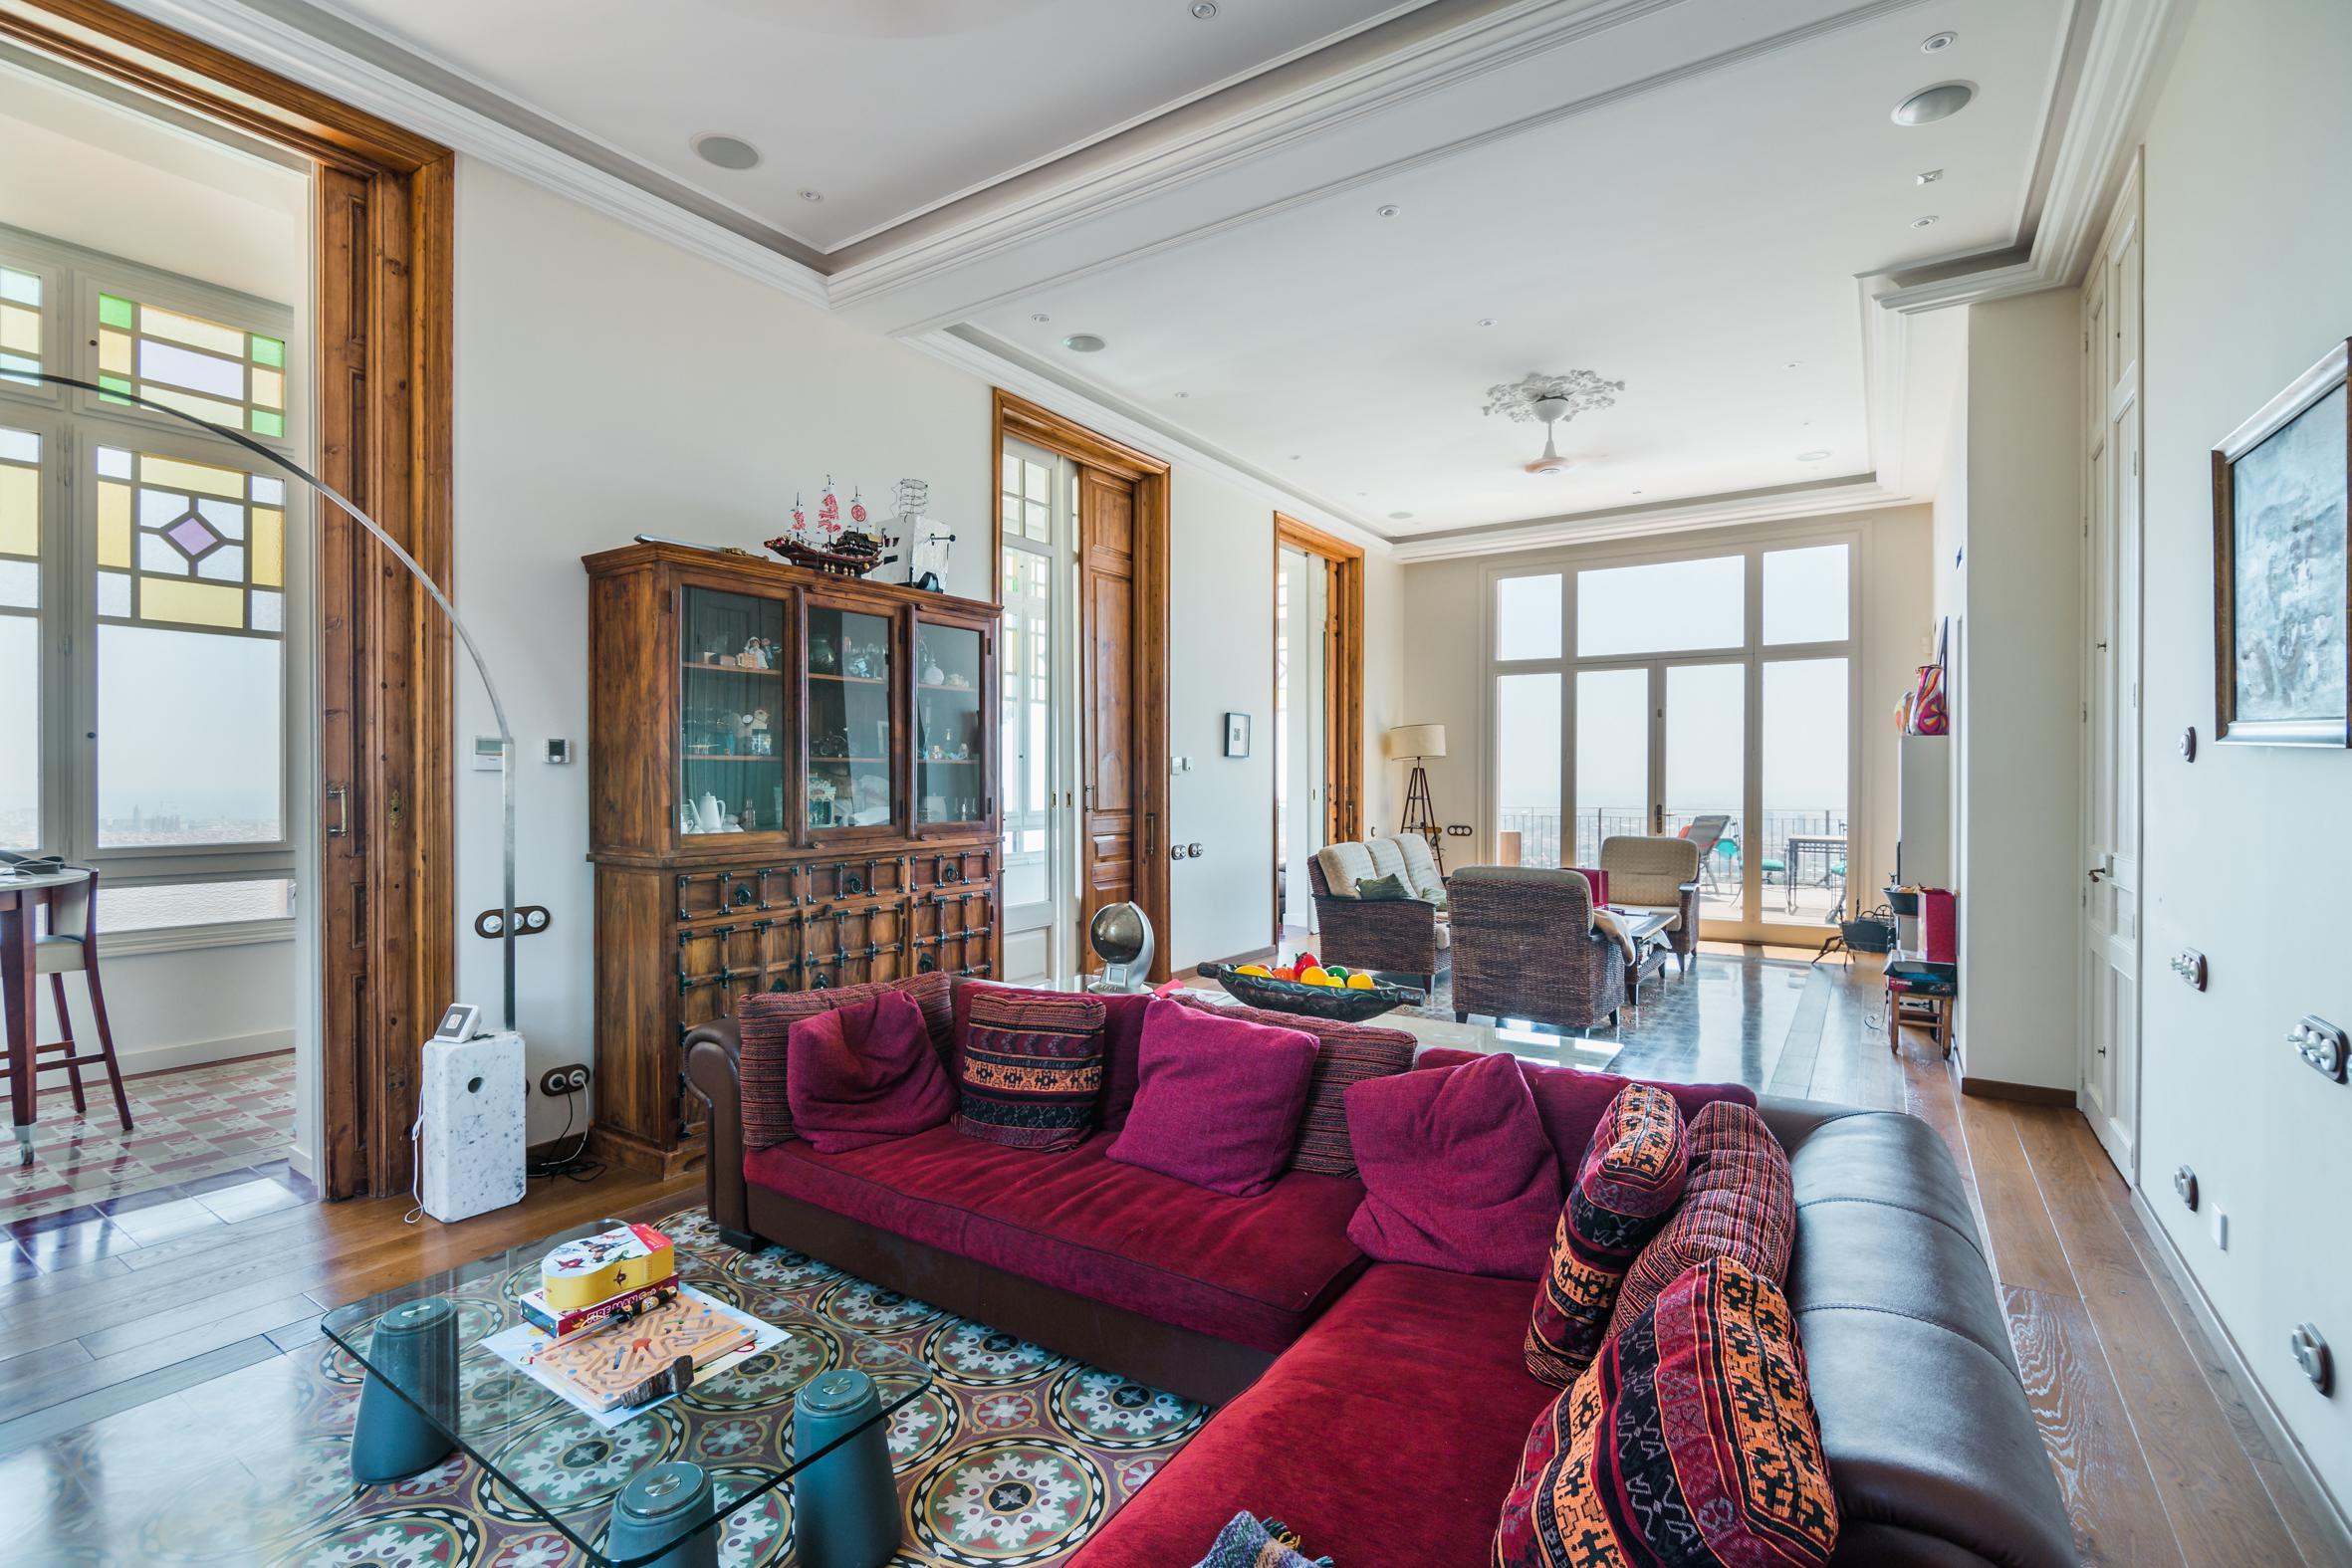 208148 Casa Aislada en venta en Sarrià-Sant Gervasi, Sarrià 22